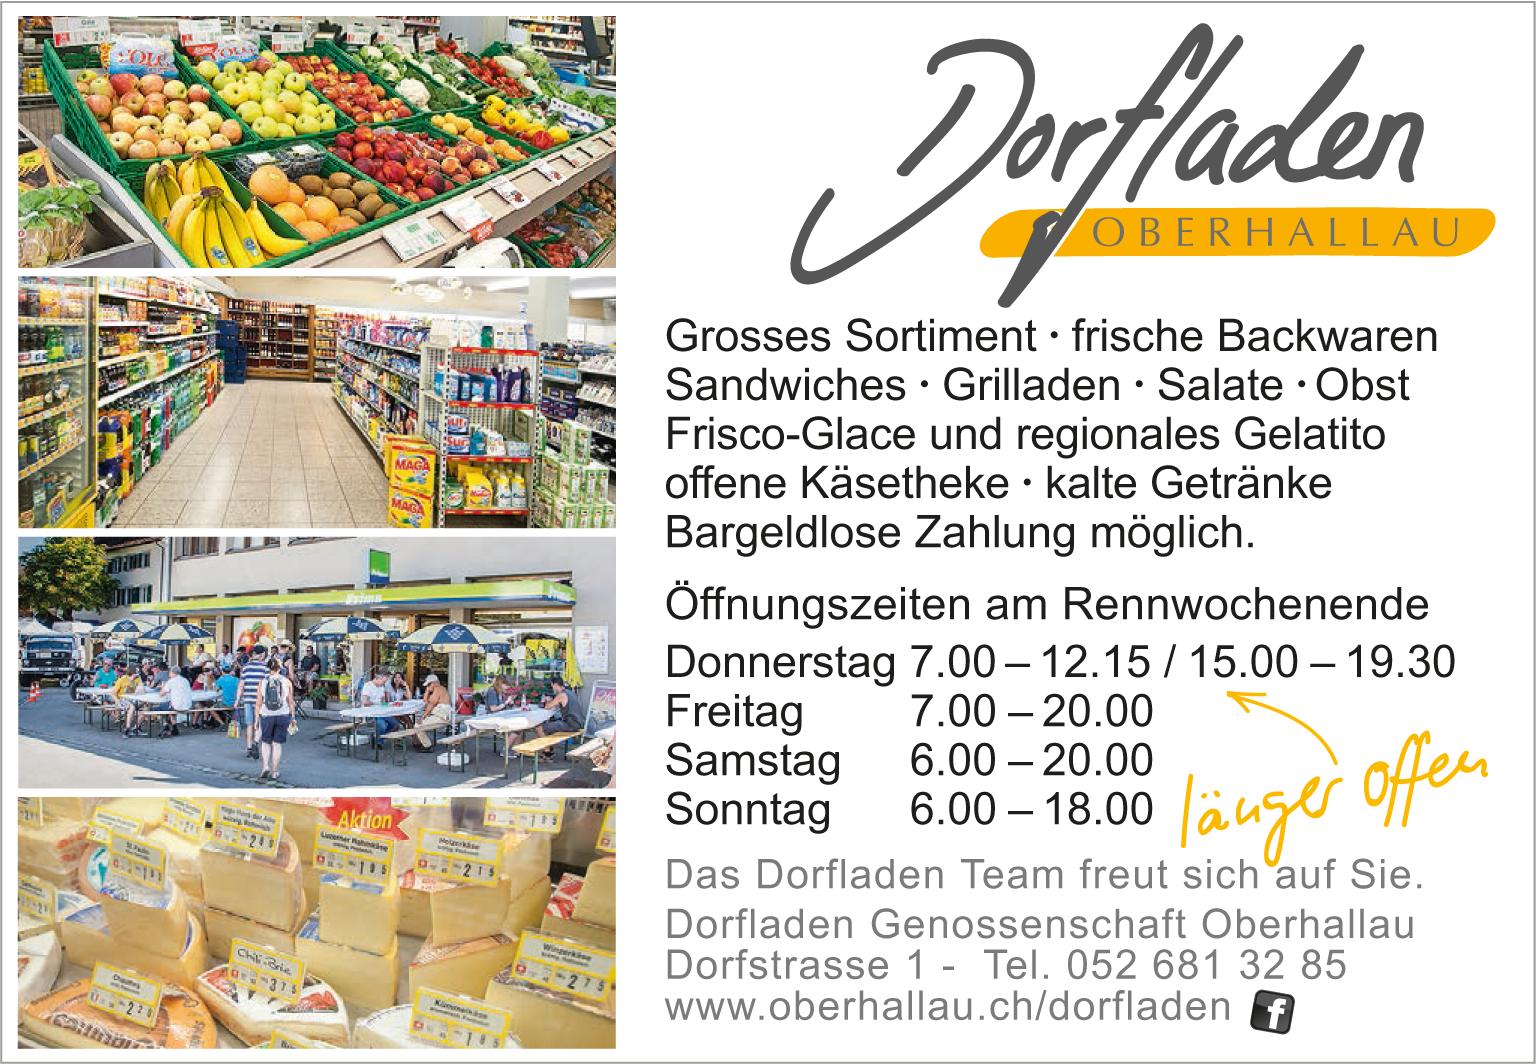 Dorfladen_Oberhallau_Inserat_2018